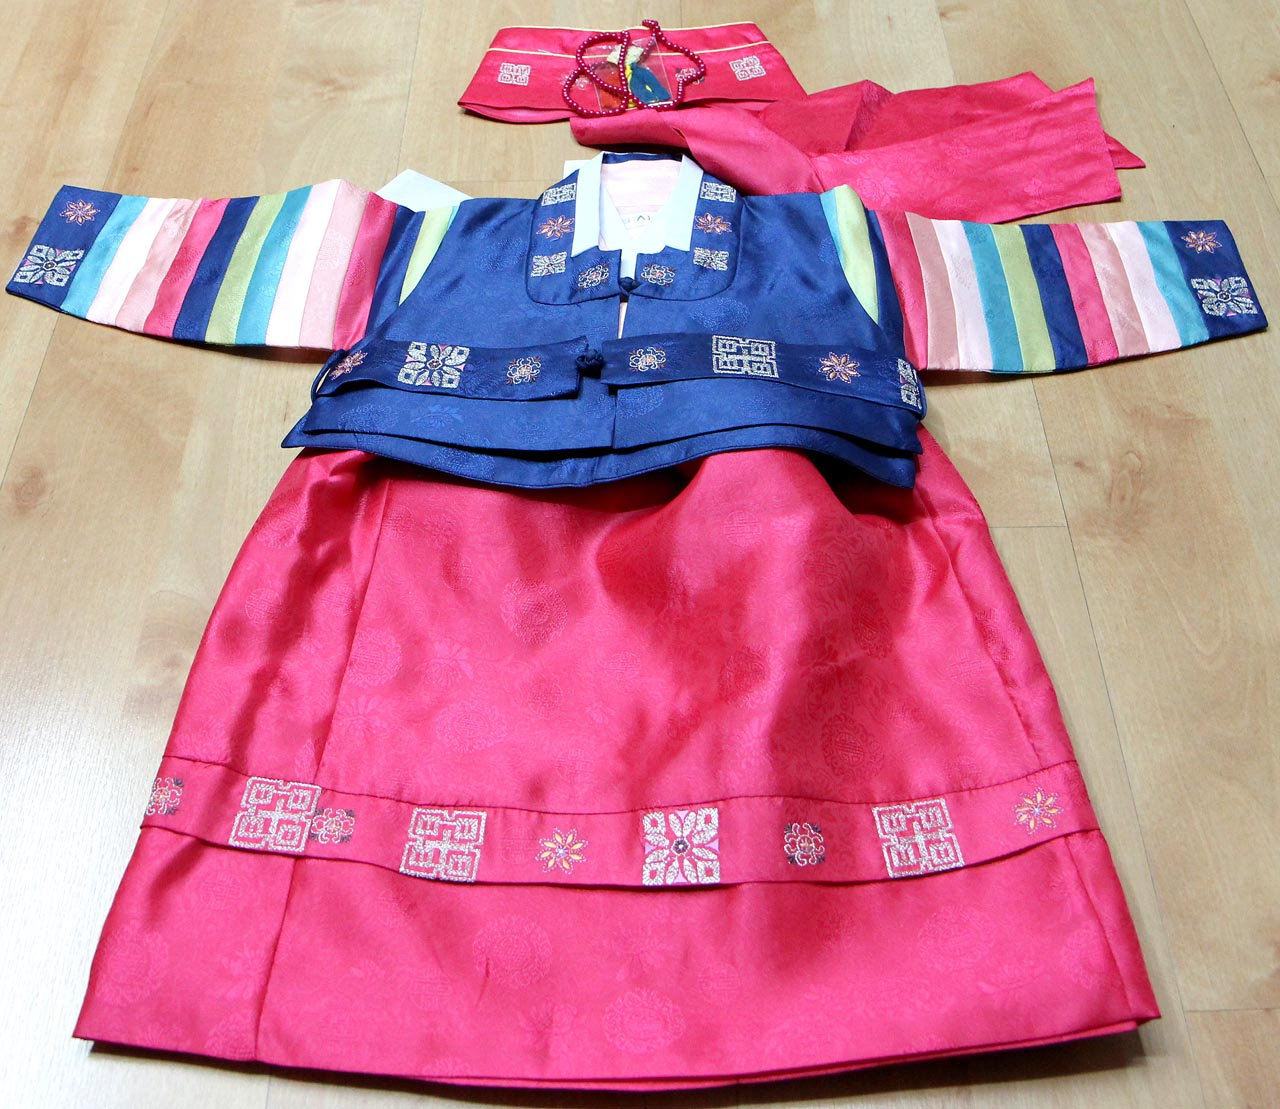 고아부부 아기에게 입힐 돌잔치 한복.